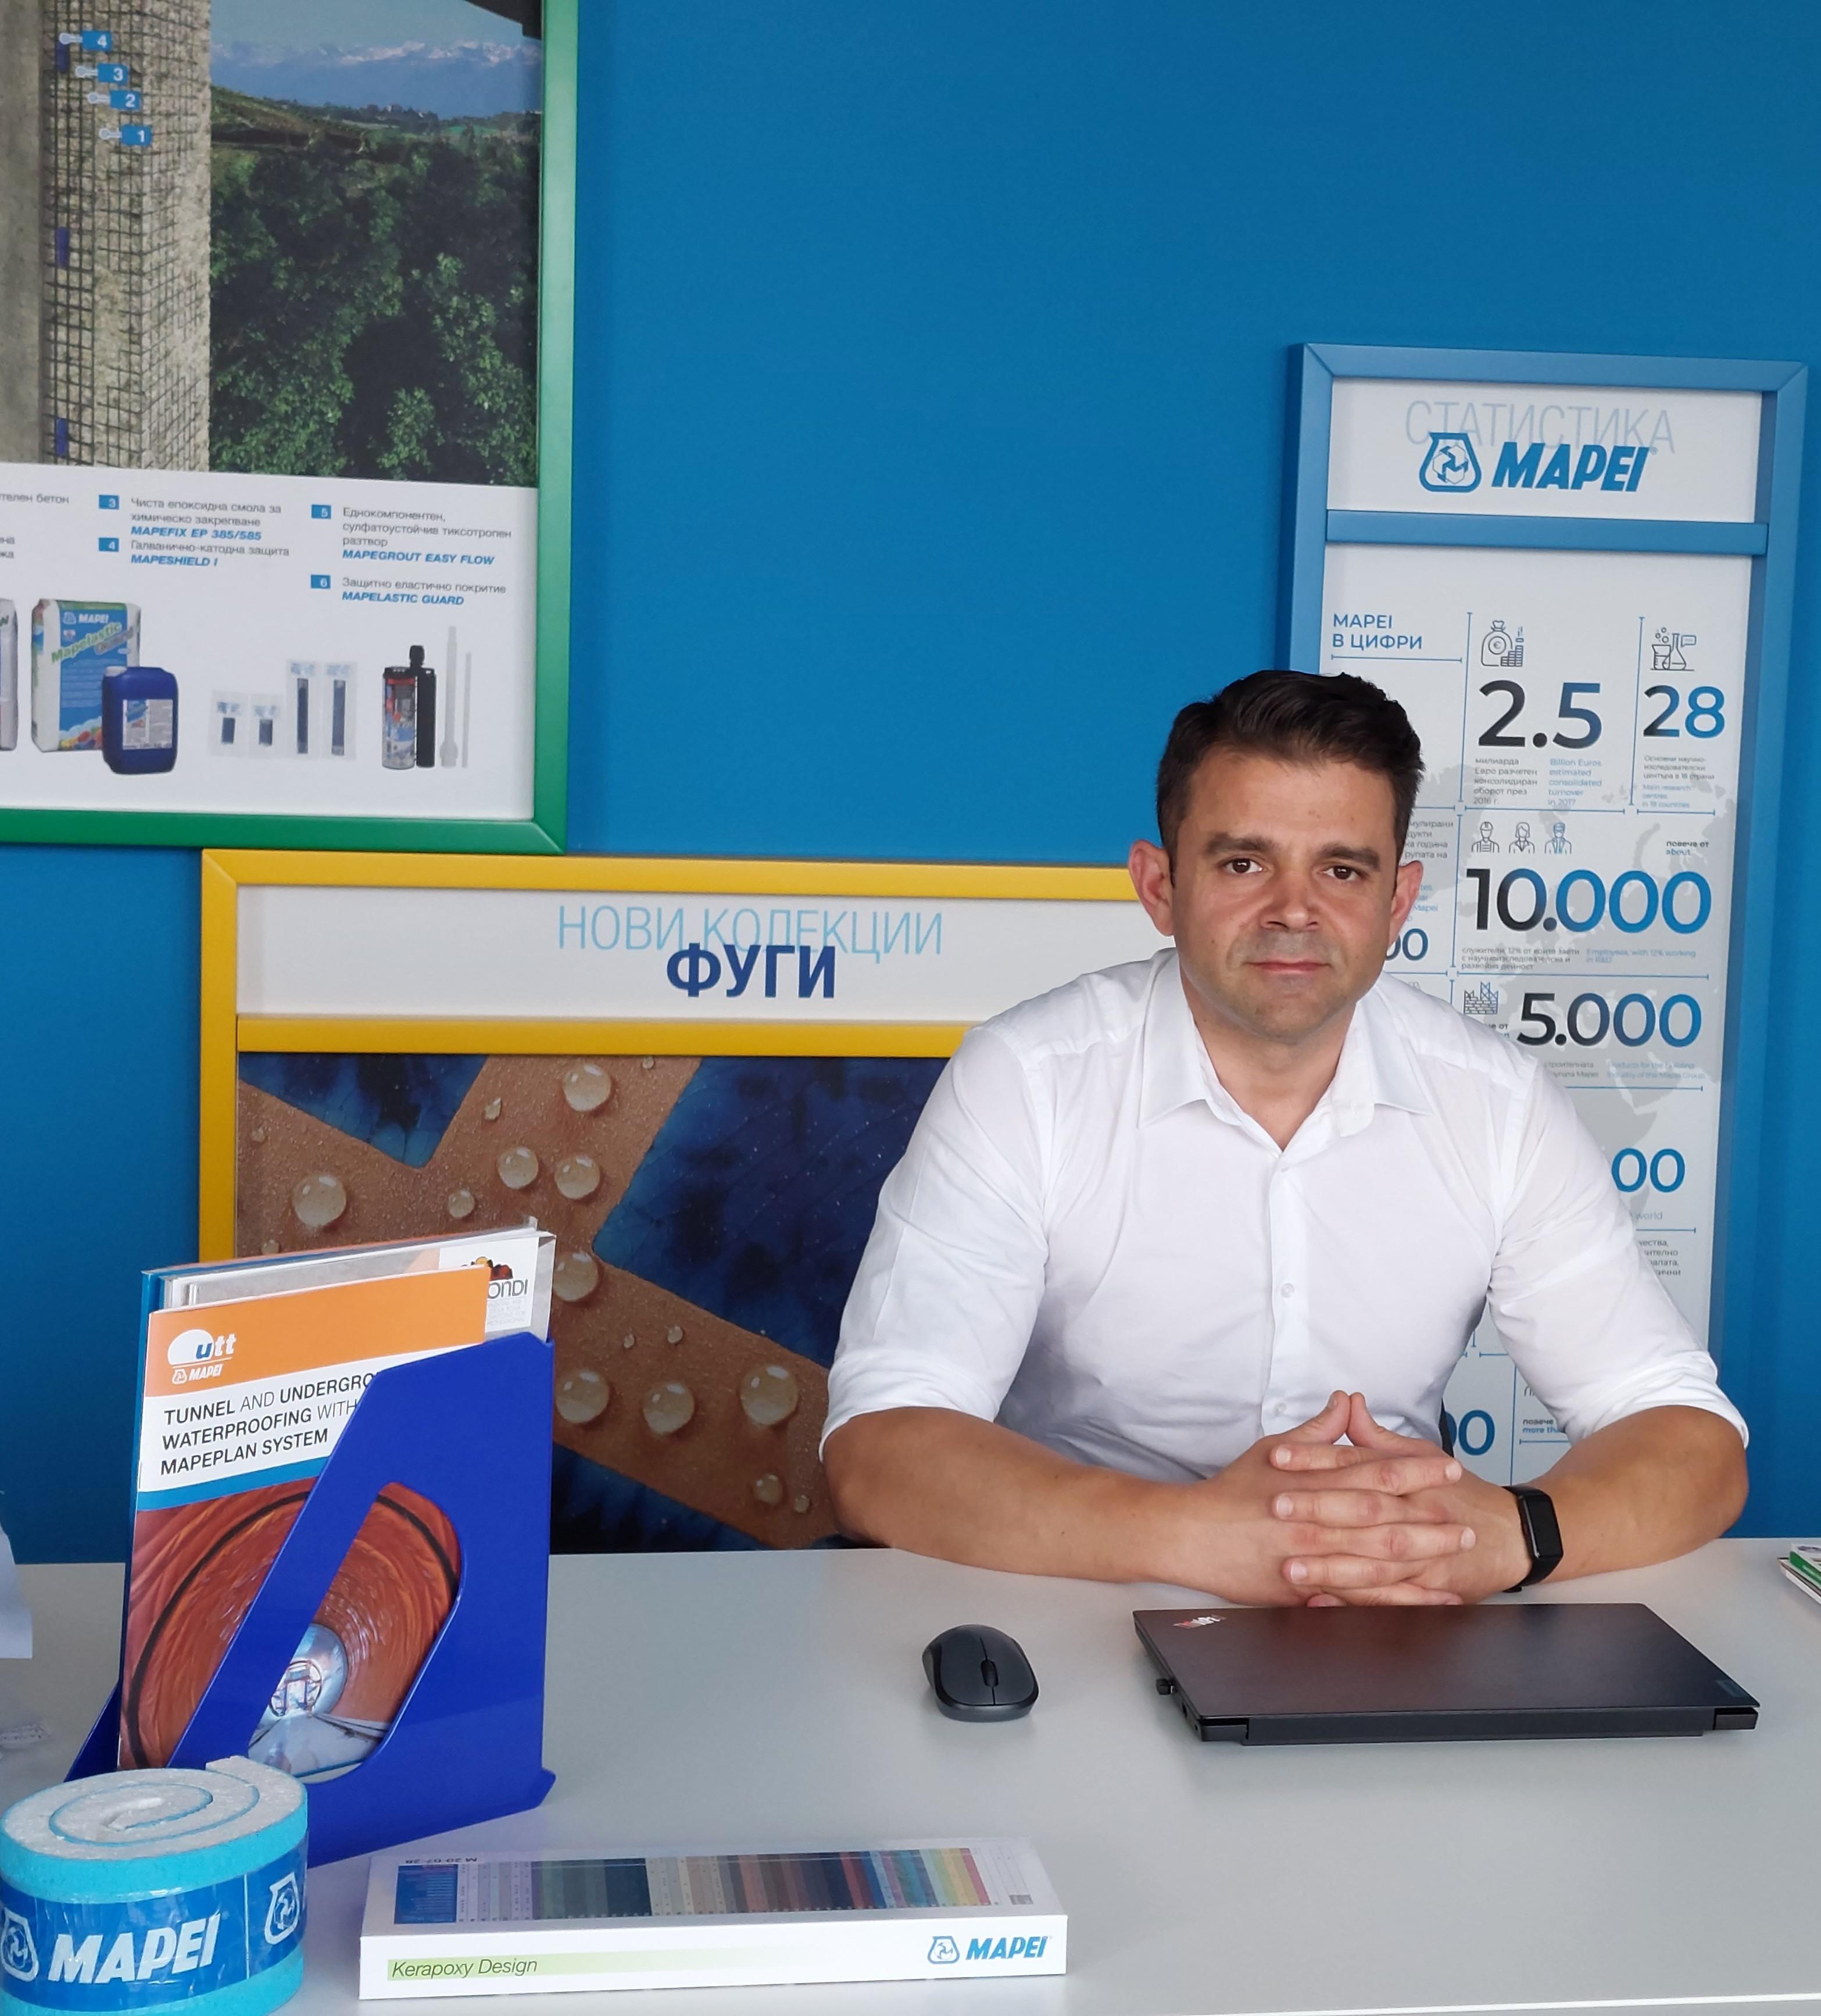 """Мартин Стоянов – технически мениджър """"Мапеи България"""" - Чувството за принадлежност към компания, в която Етичният кодекс е непроменлива величина във времето е основен мотиватор и до днес"""